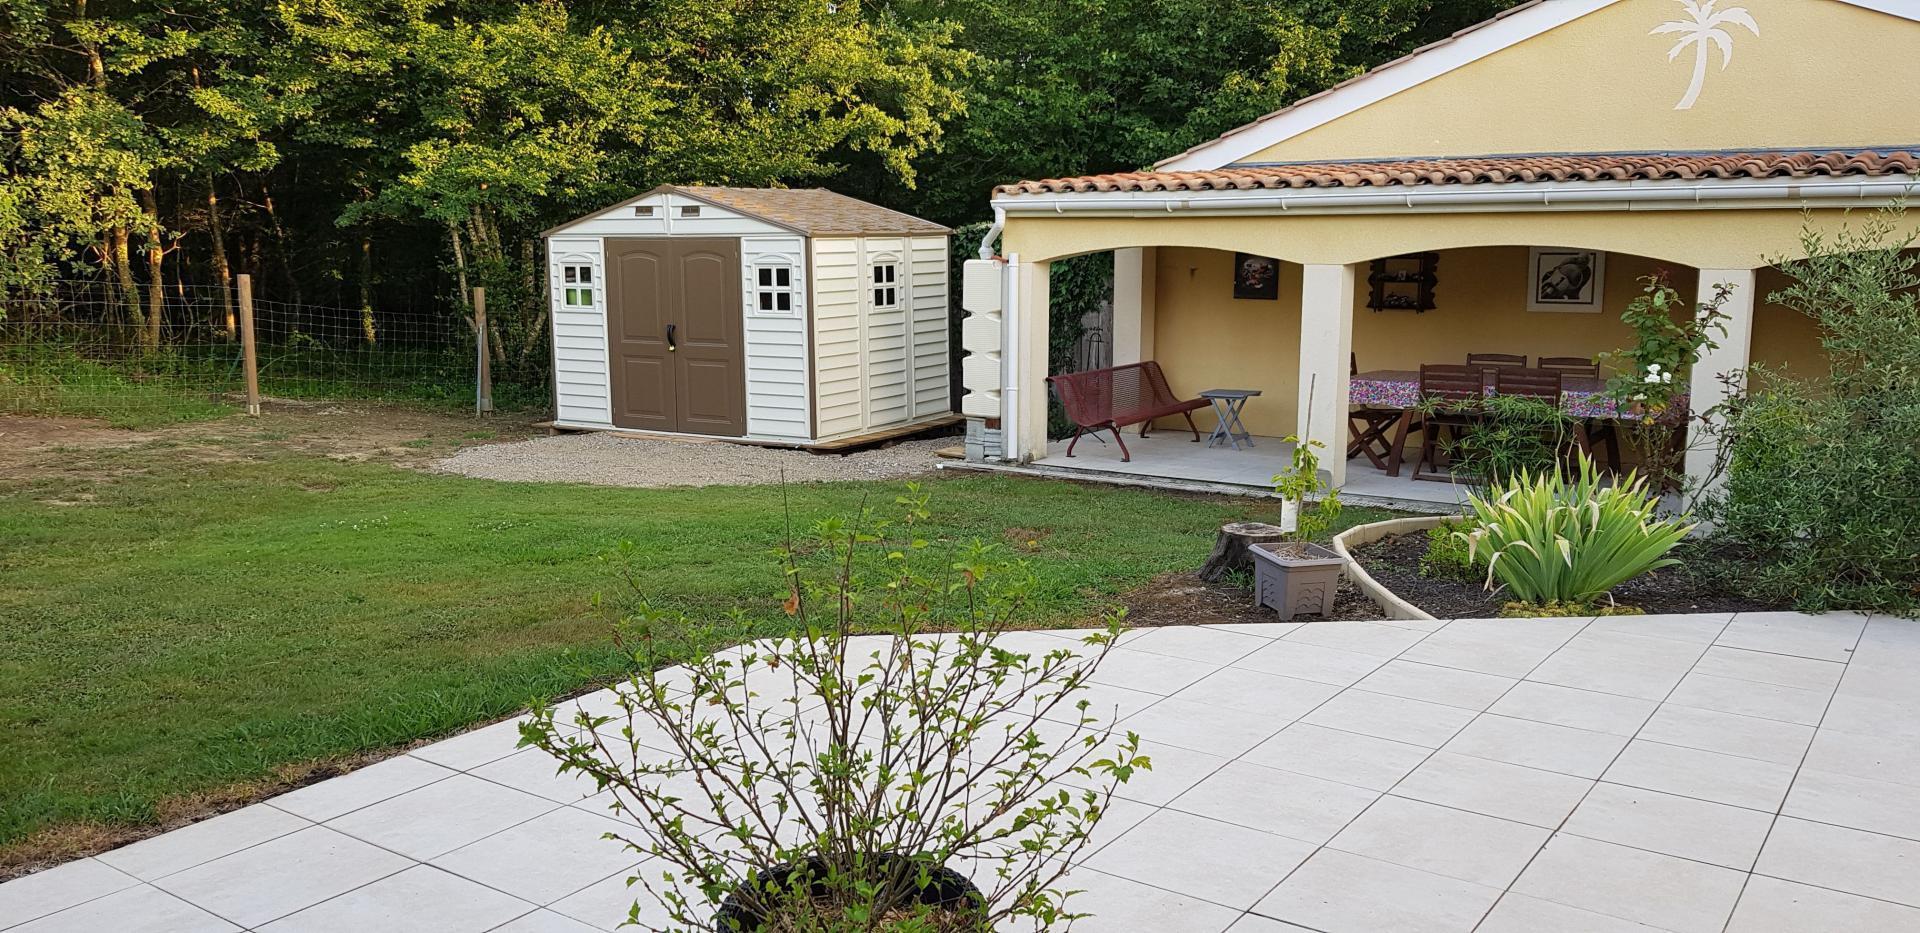 Abri De Jardin En Pvc Woodstyle Premium 7,68M² - Duramax destiné Abri De Jardin En Longueur